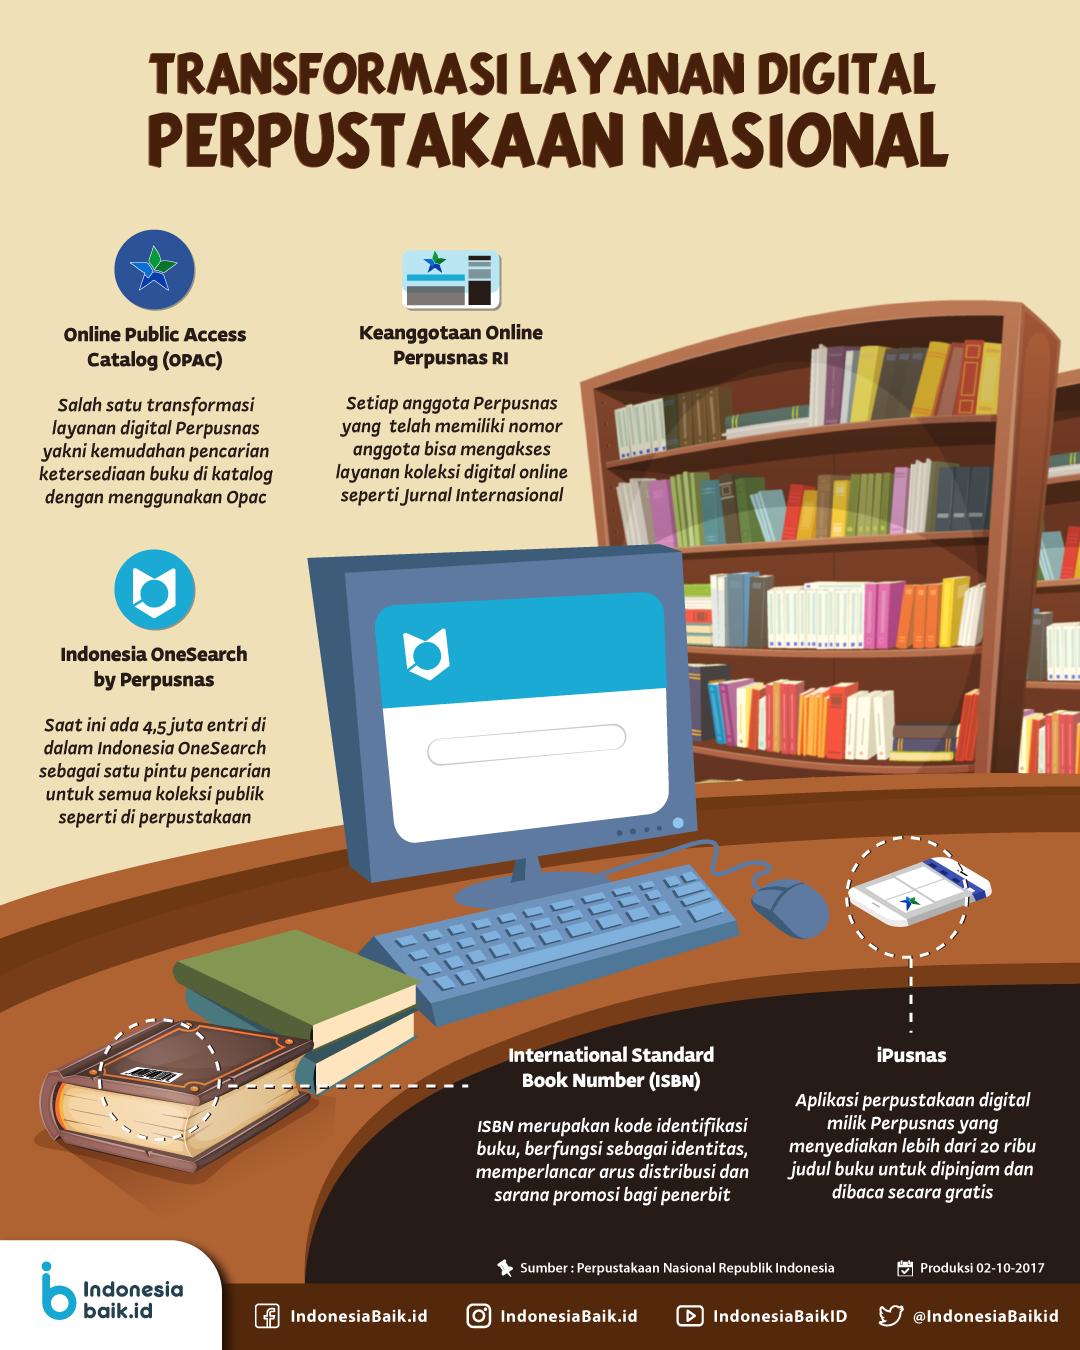 Transformasi Layanan Digital Perpustakaan Nasional